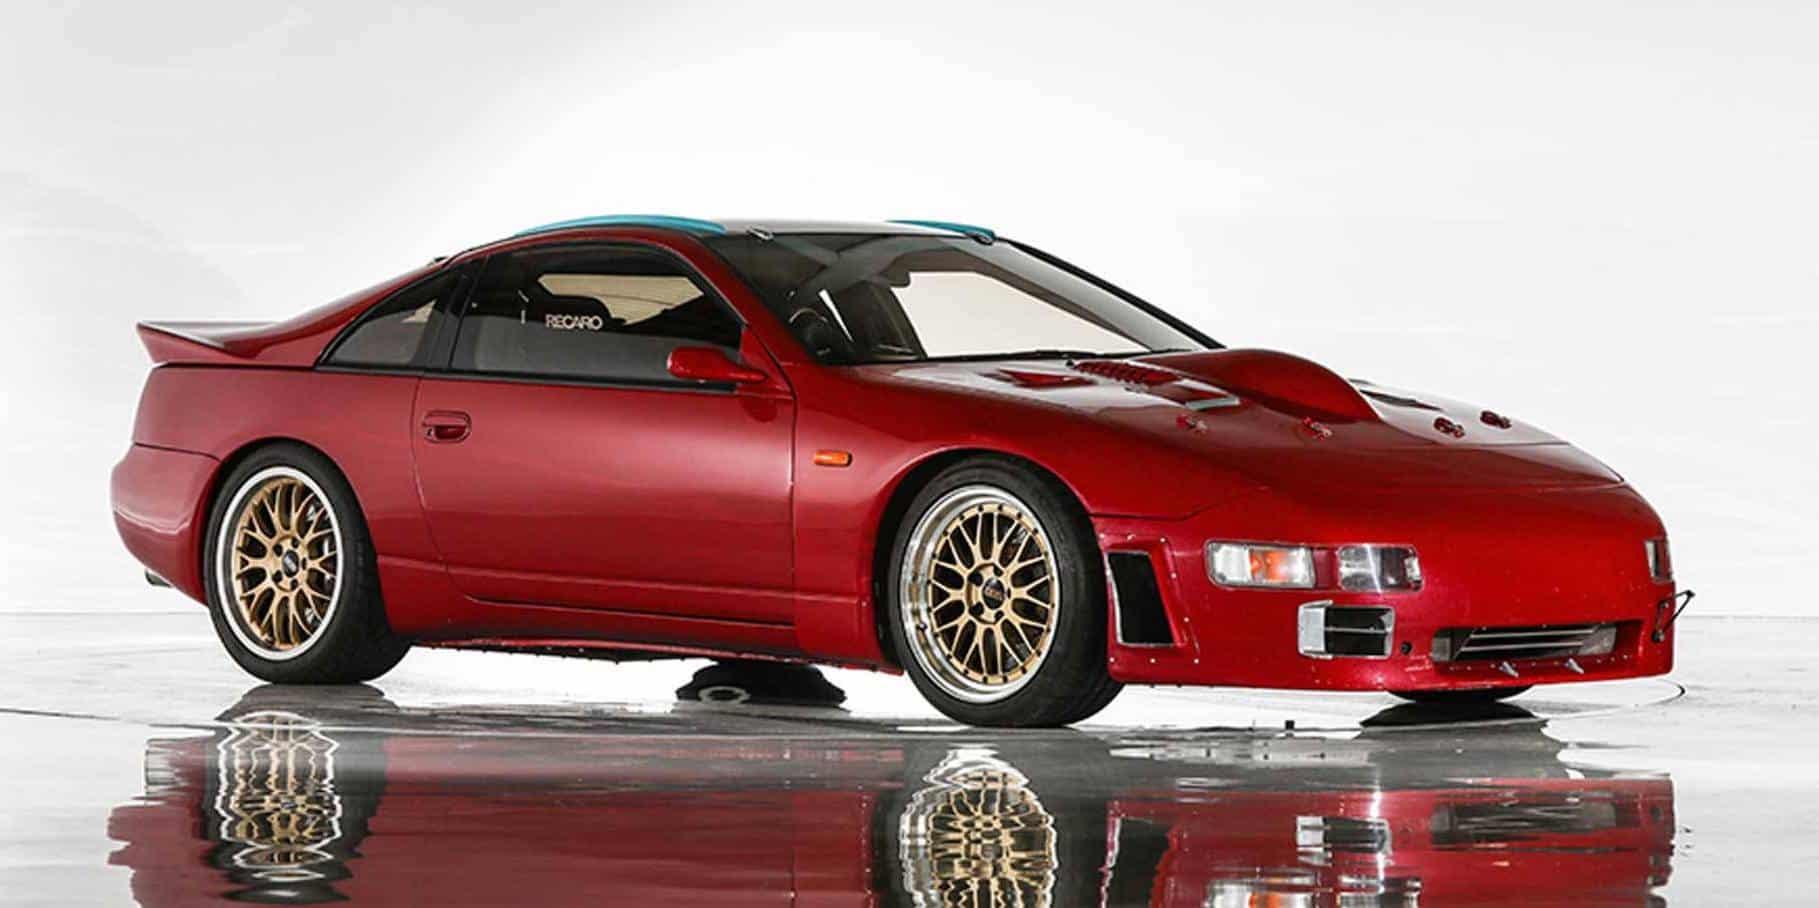 Este Nissan 300ZX de 1991 alcanza los 421 kilómetros por hora ¡Y está a la venta!